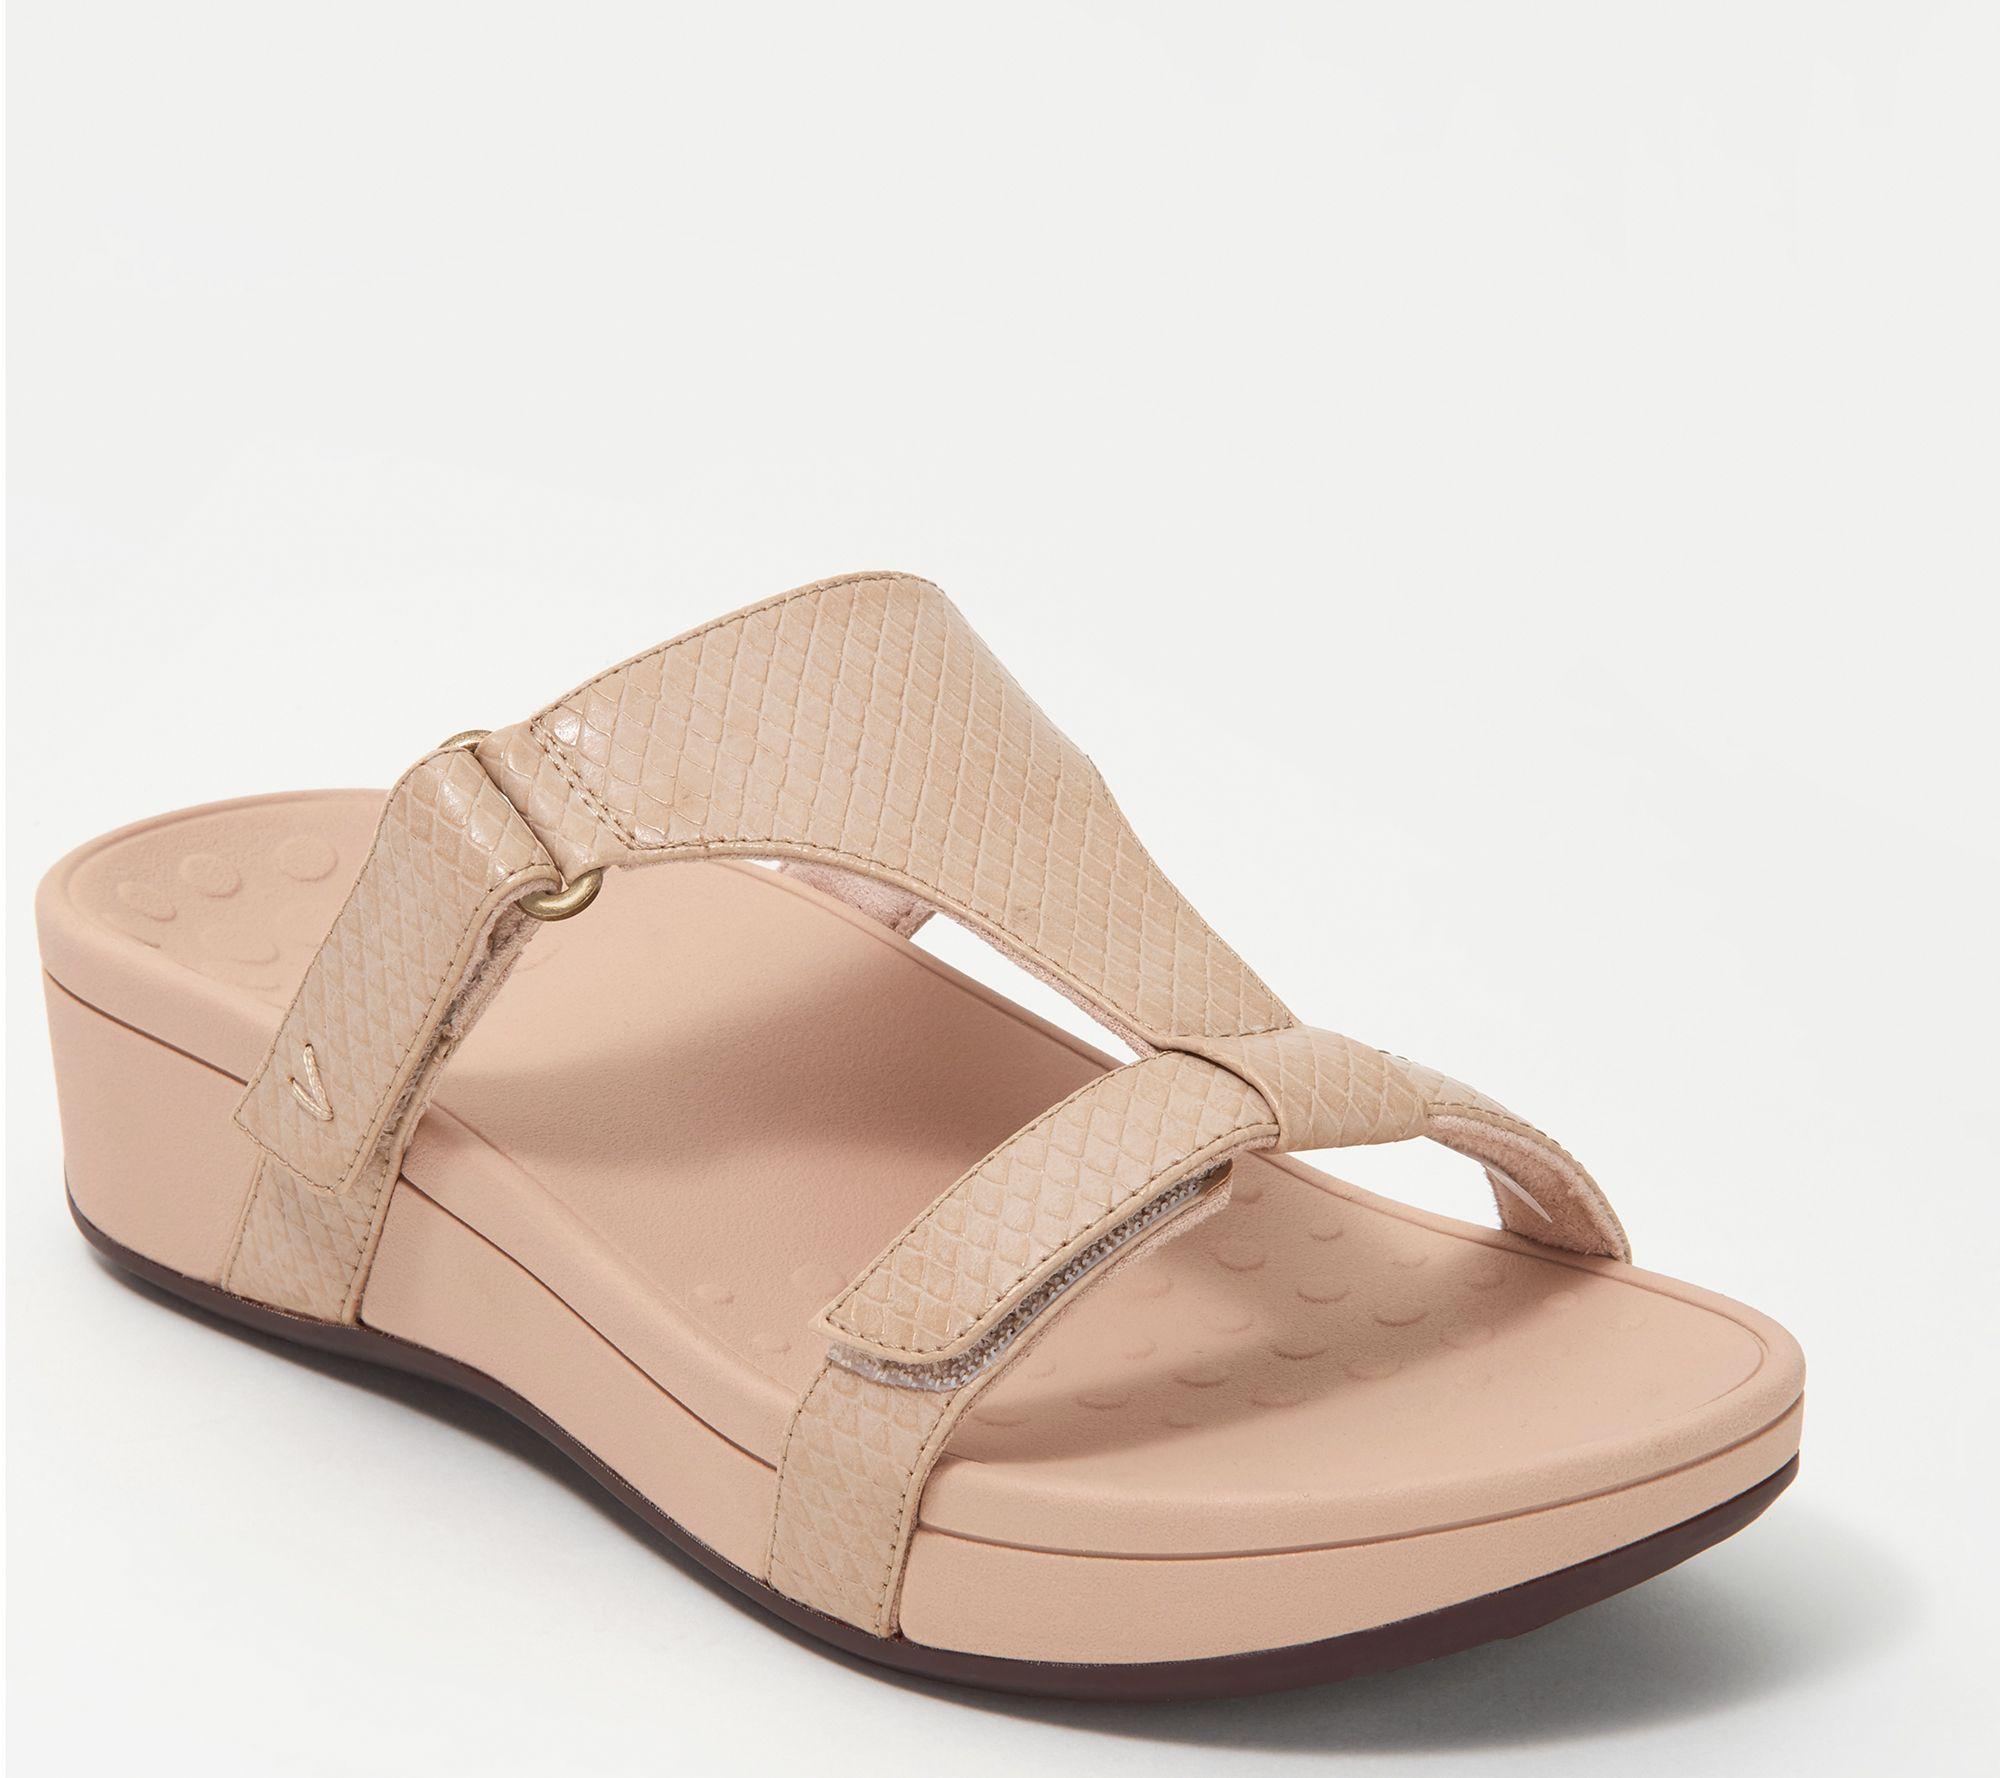 7ca51523574ff Vionic Adjustable Embossed Platform Slide Sandals - Ellie — QVC.com